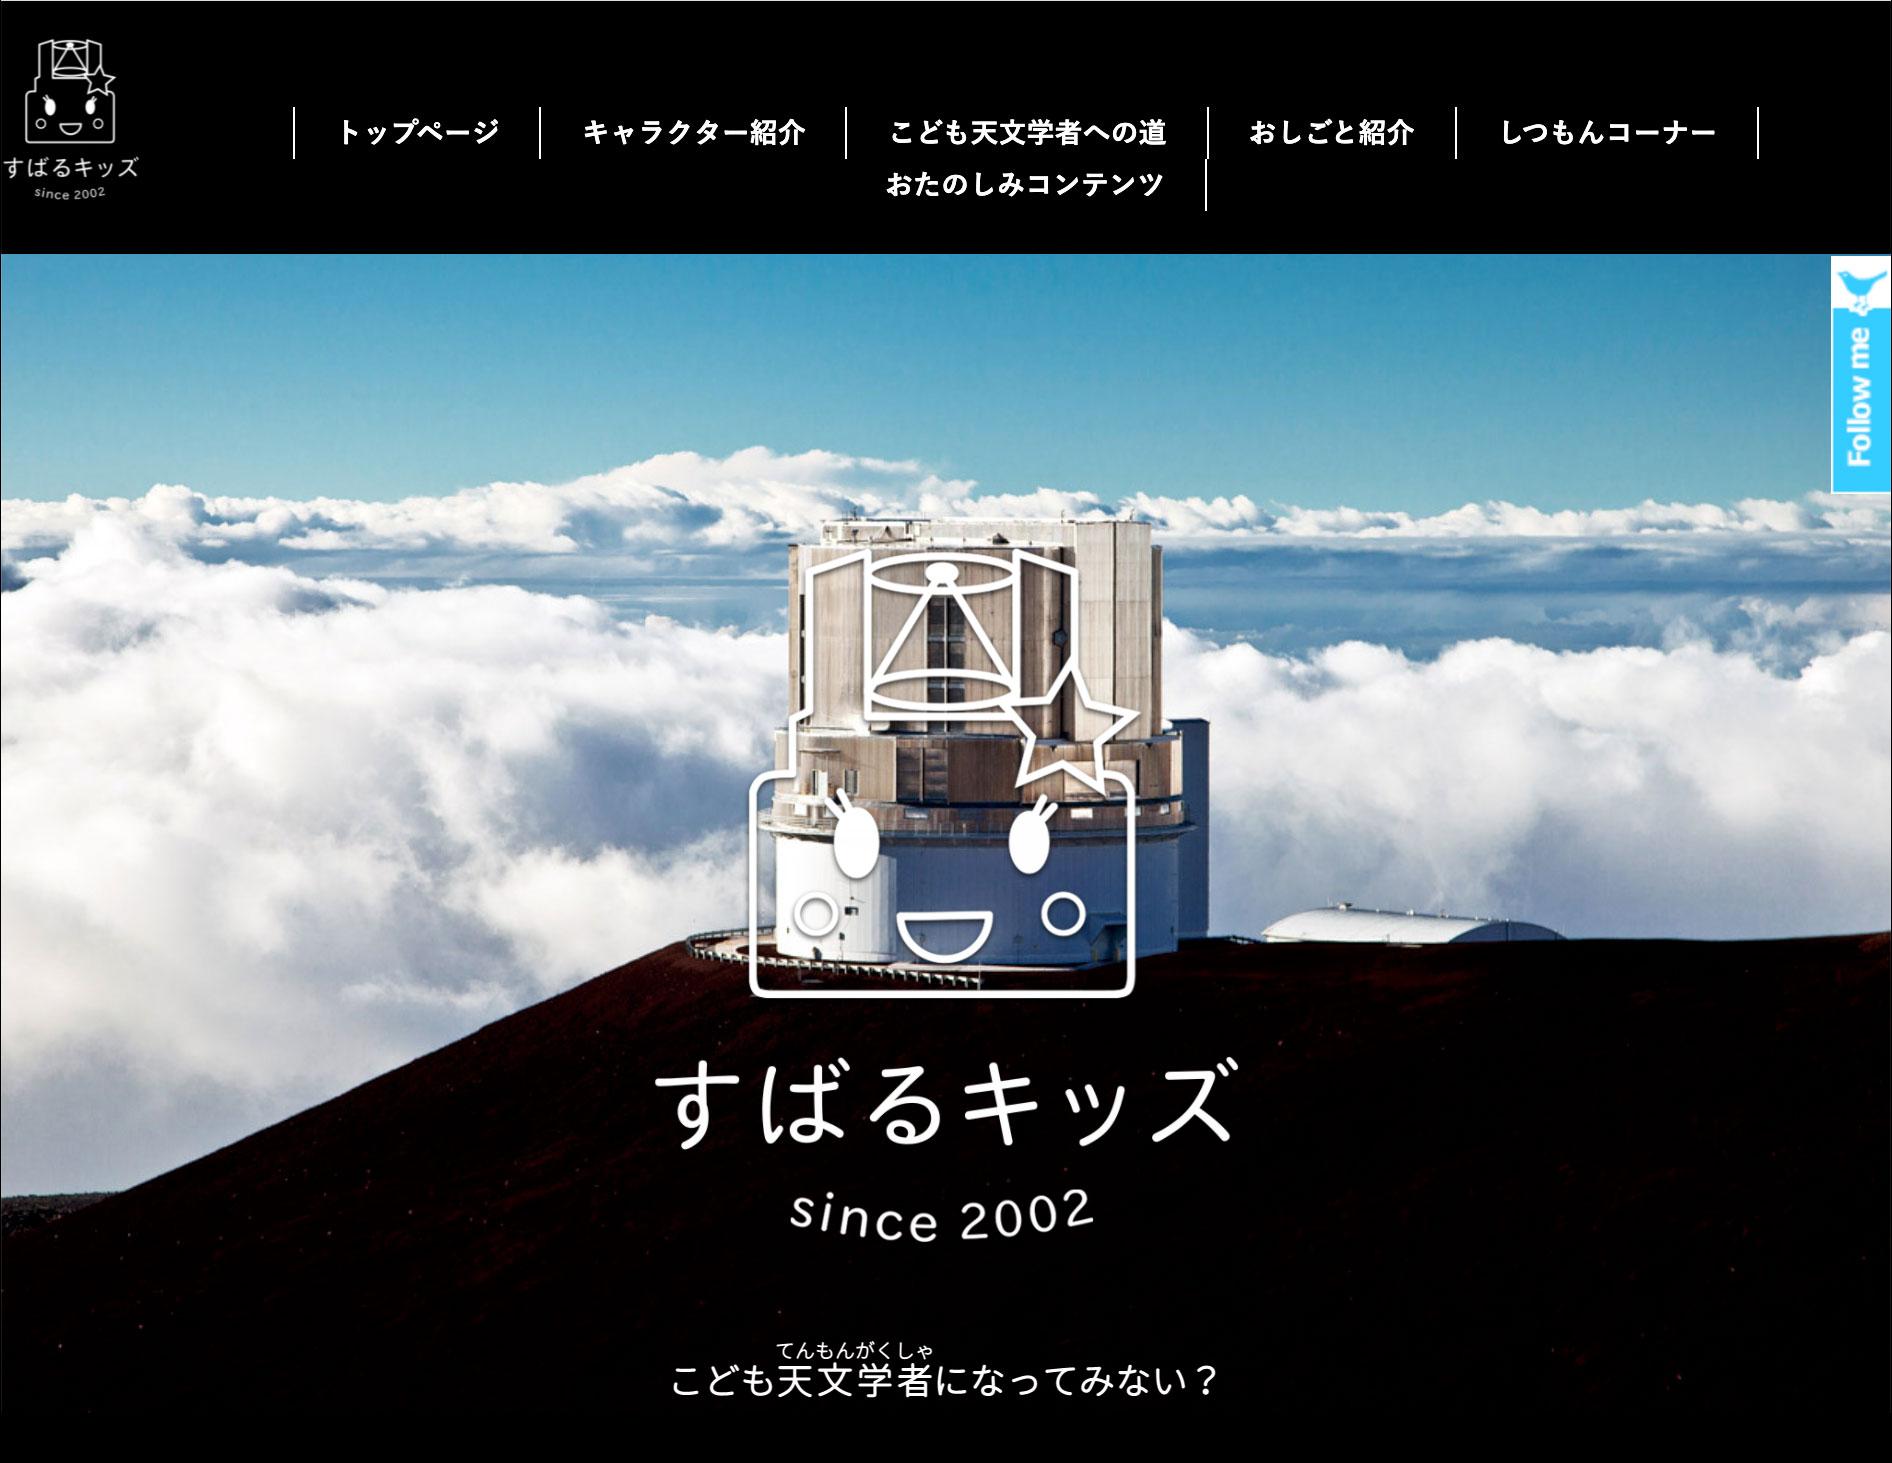 すばる望遠鏡の子ども向けウェブサイト「すばるキッズ」